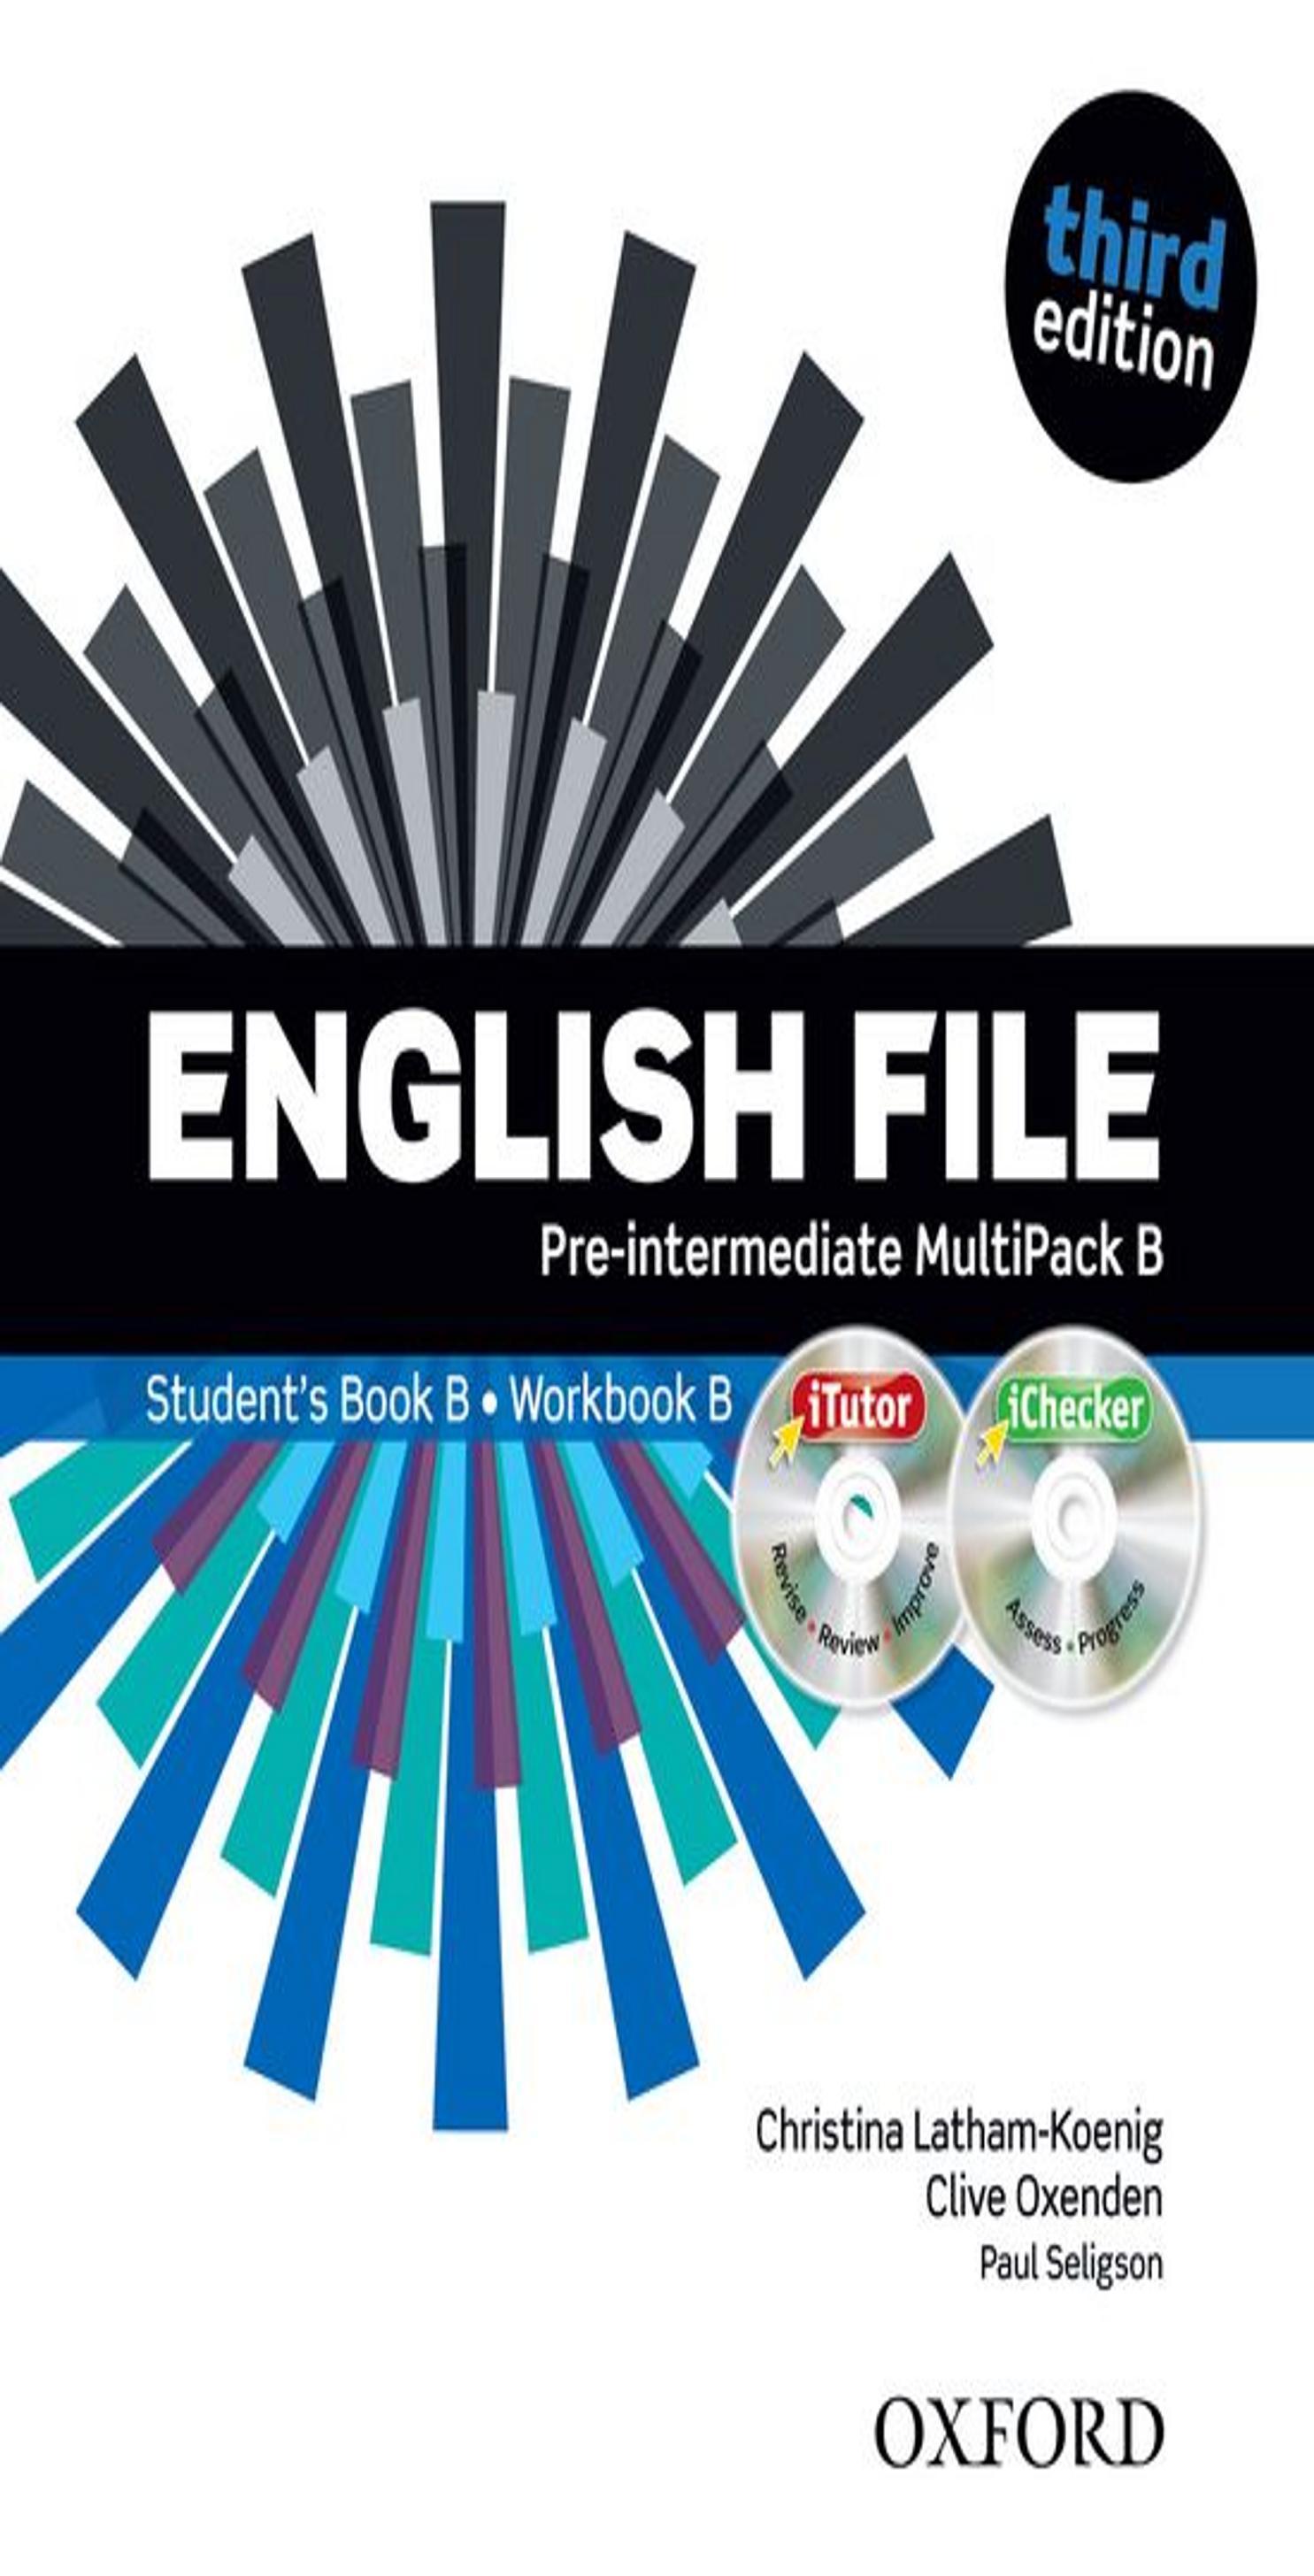 ENGLISH FILE PRE INTERM SB +  WB MULTIPACK B Multirom + WB Key 3rd Ed